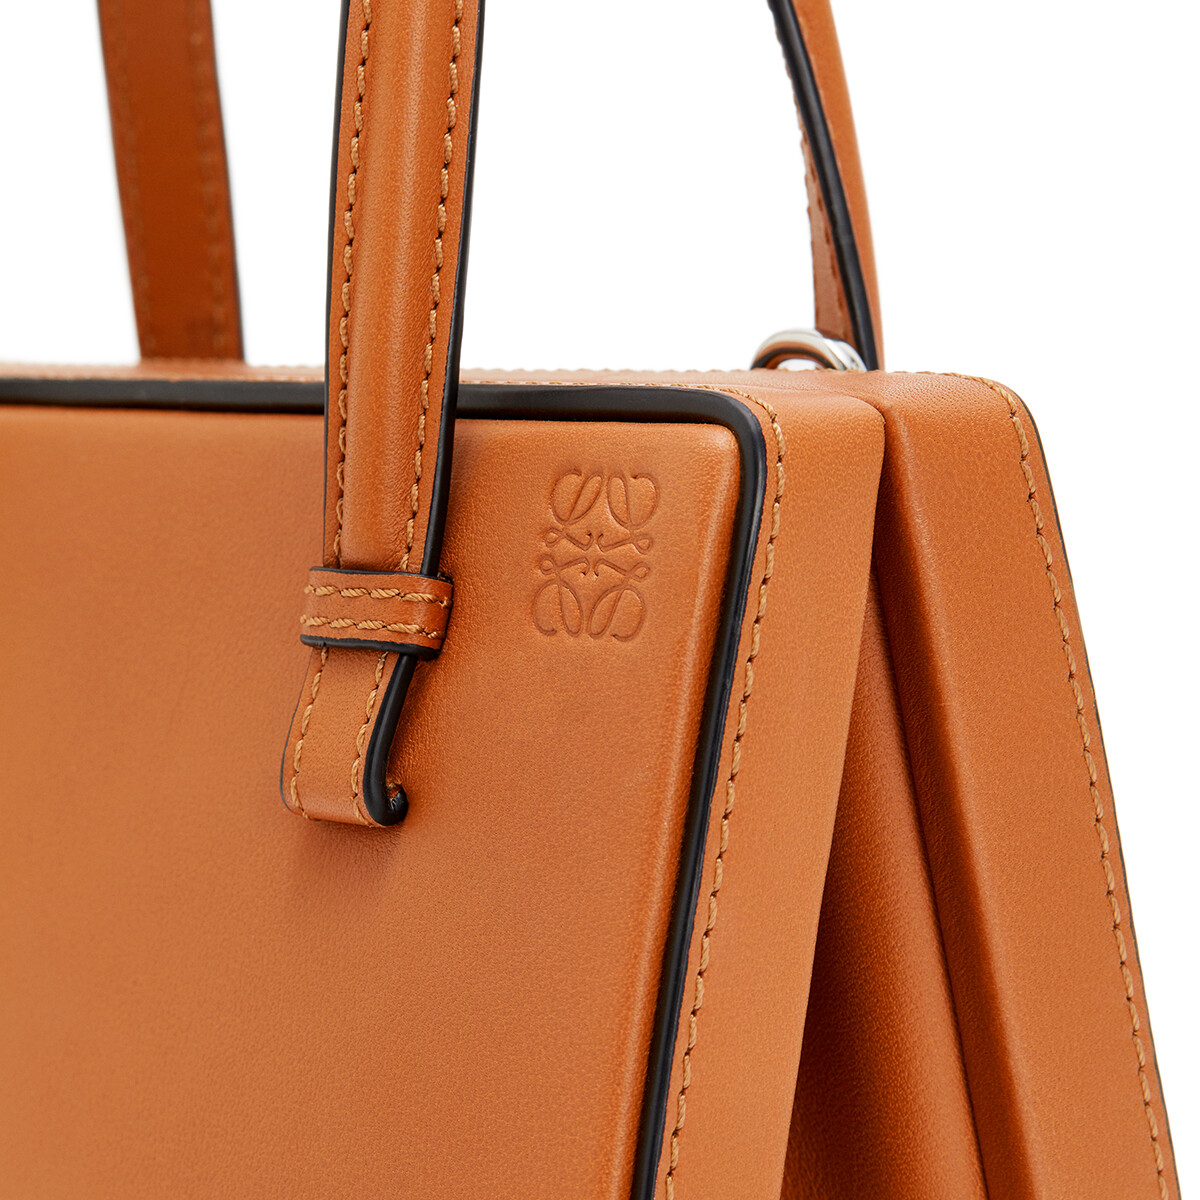 LOEWE Postal Small Bag Tan front